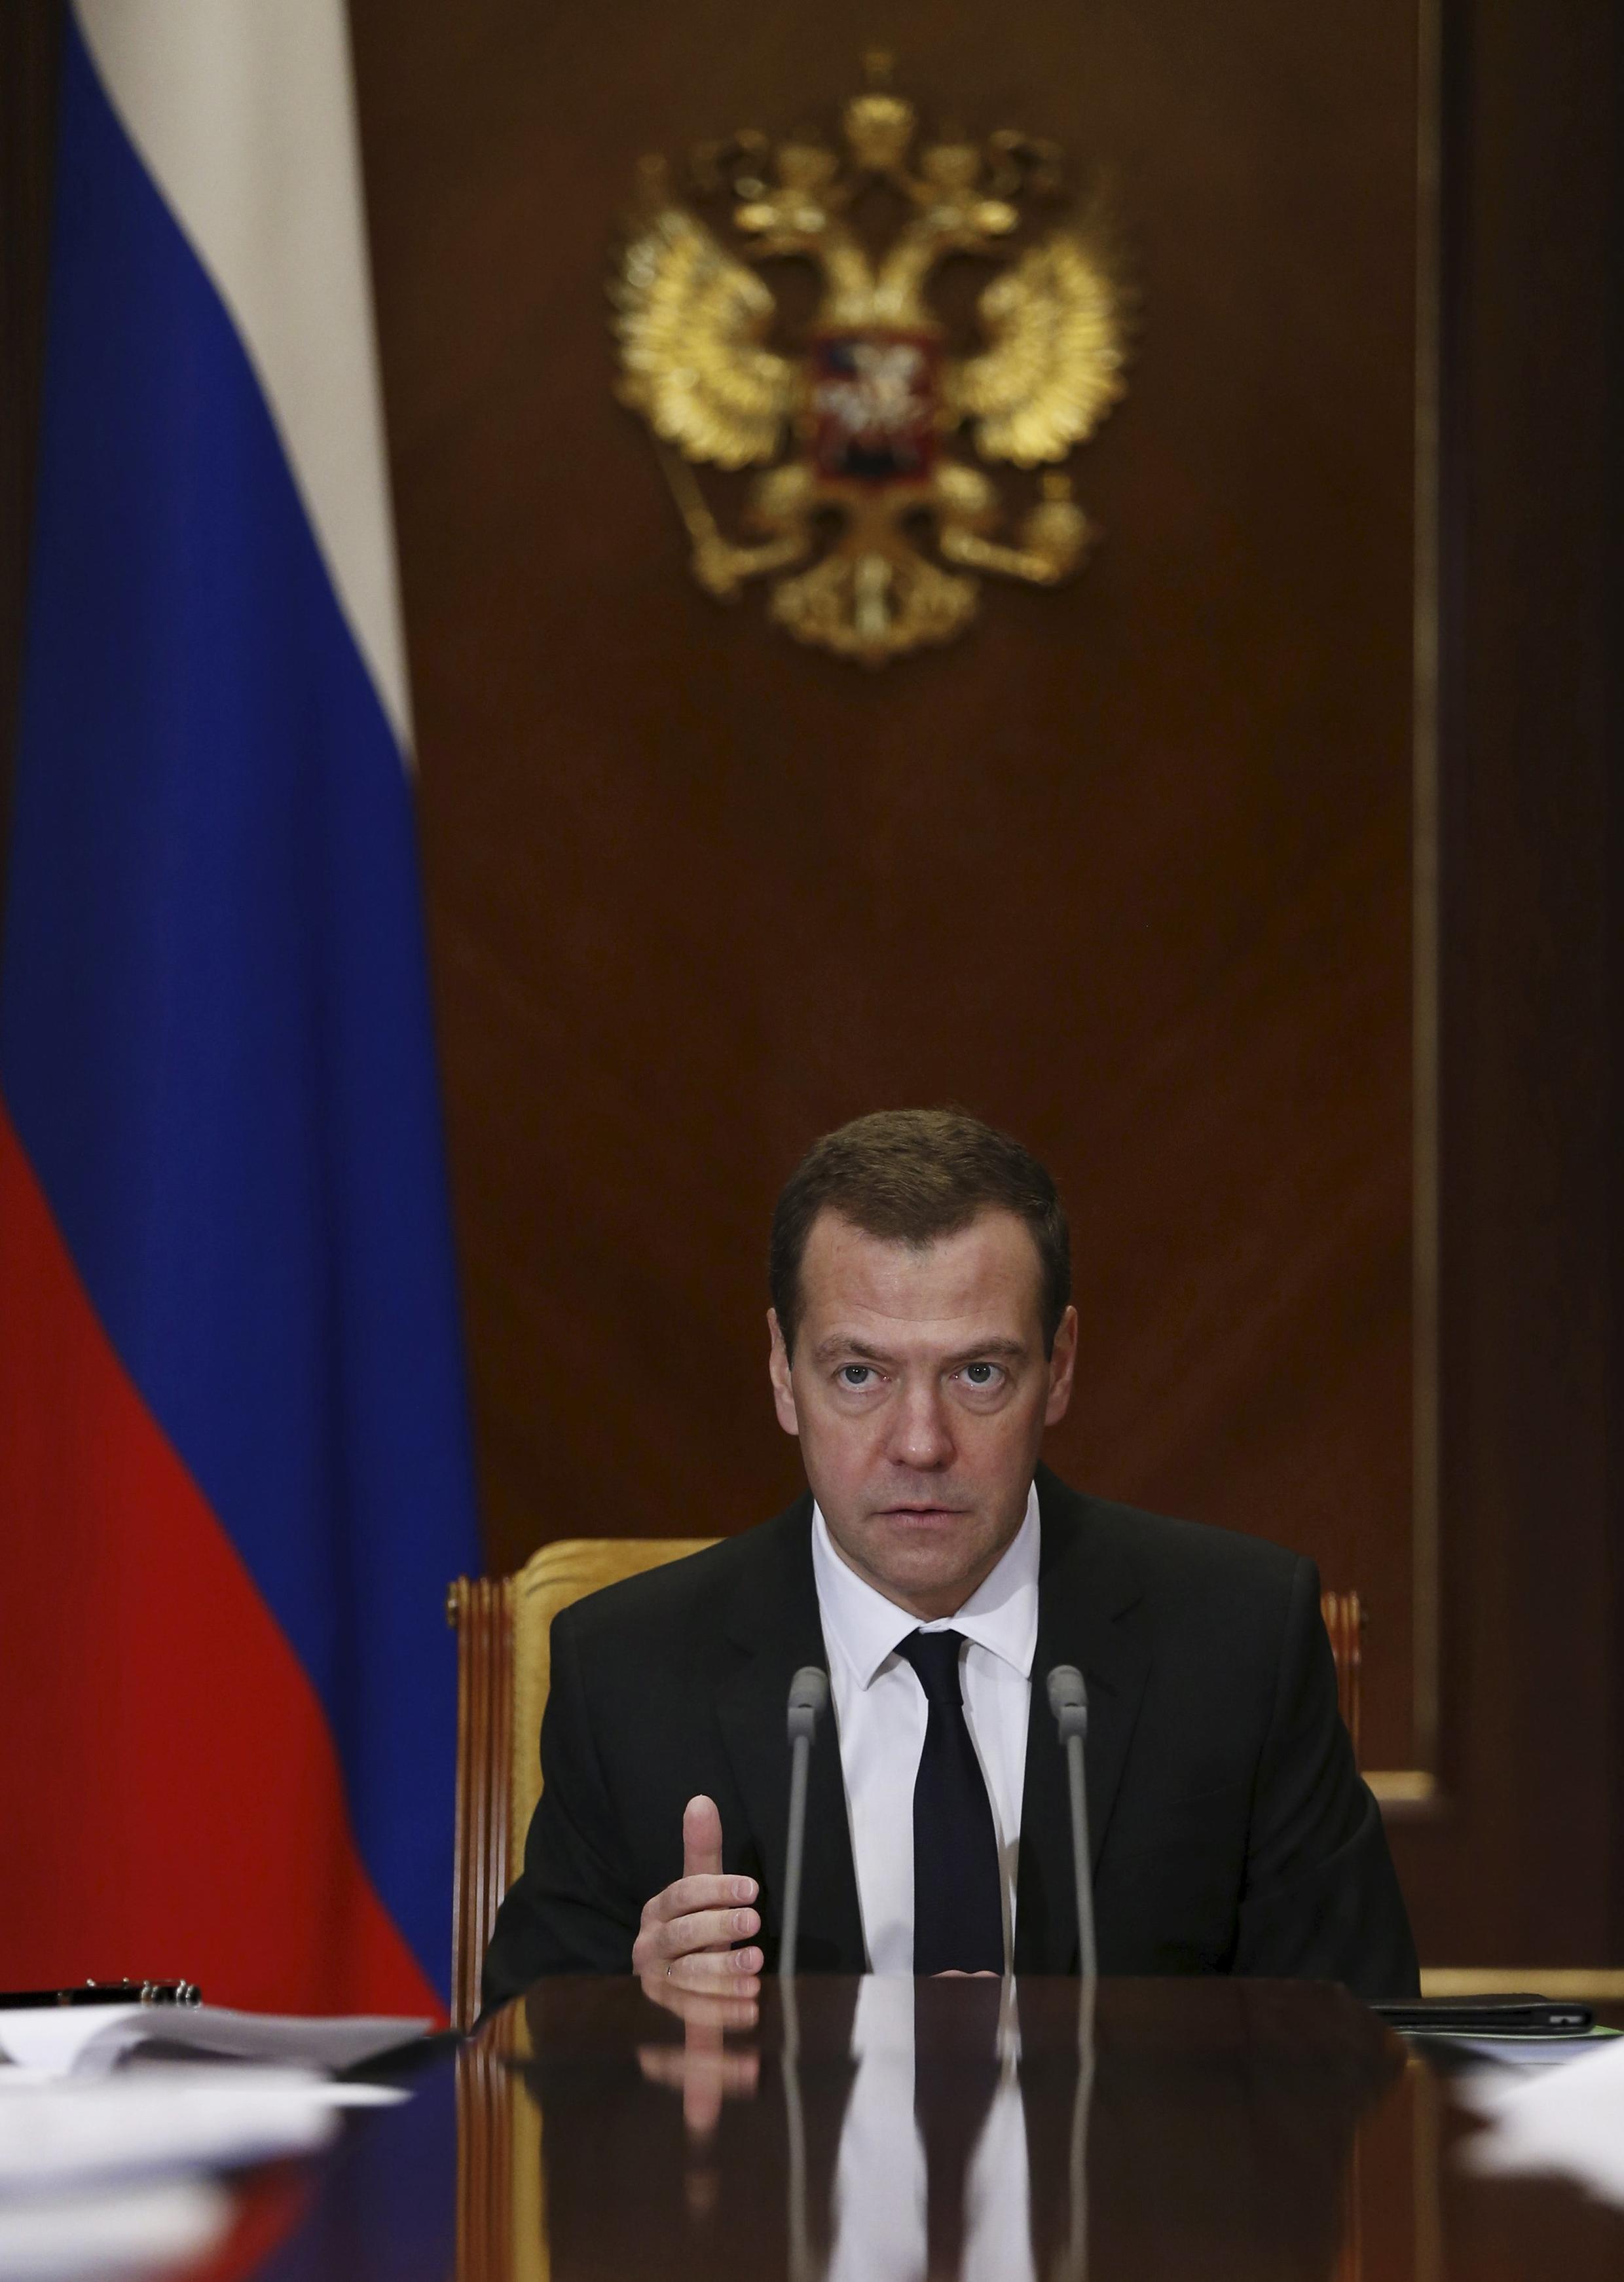 Thủ tướng Nga Dmitry Medvedev chủ trì cuộc họp tại Nhà khách chính phủ Gorki, ngoại ô Matxcơva, ngày 22/12/2015.